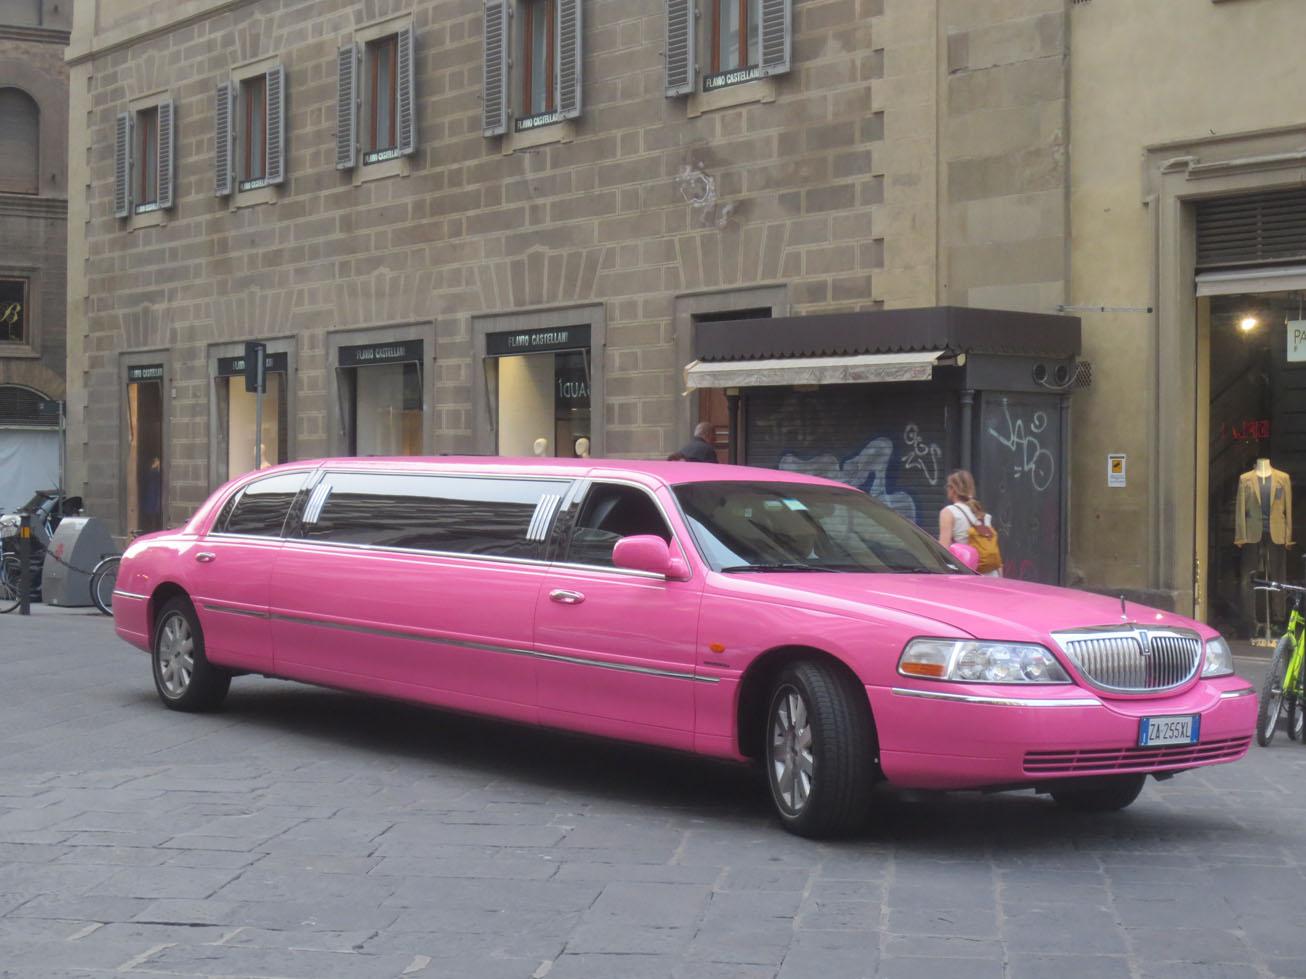 イタリア式/結婚前の大騒ぎパーティはこの車が人気です!!_c0179785_5353556.jpg